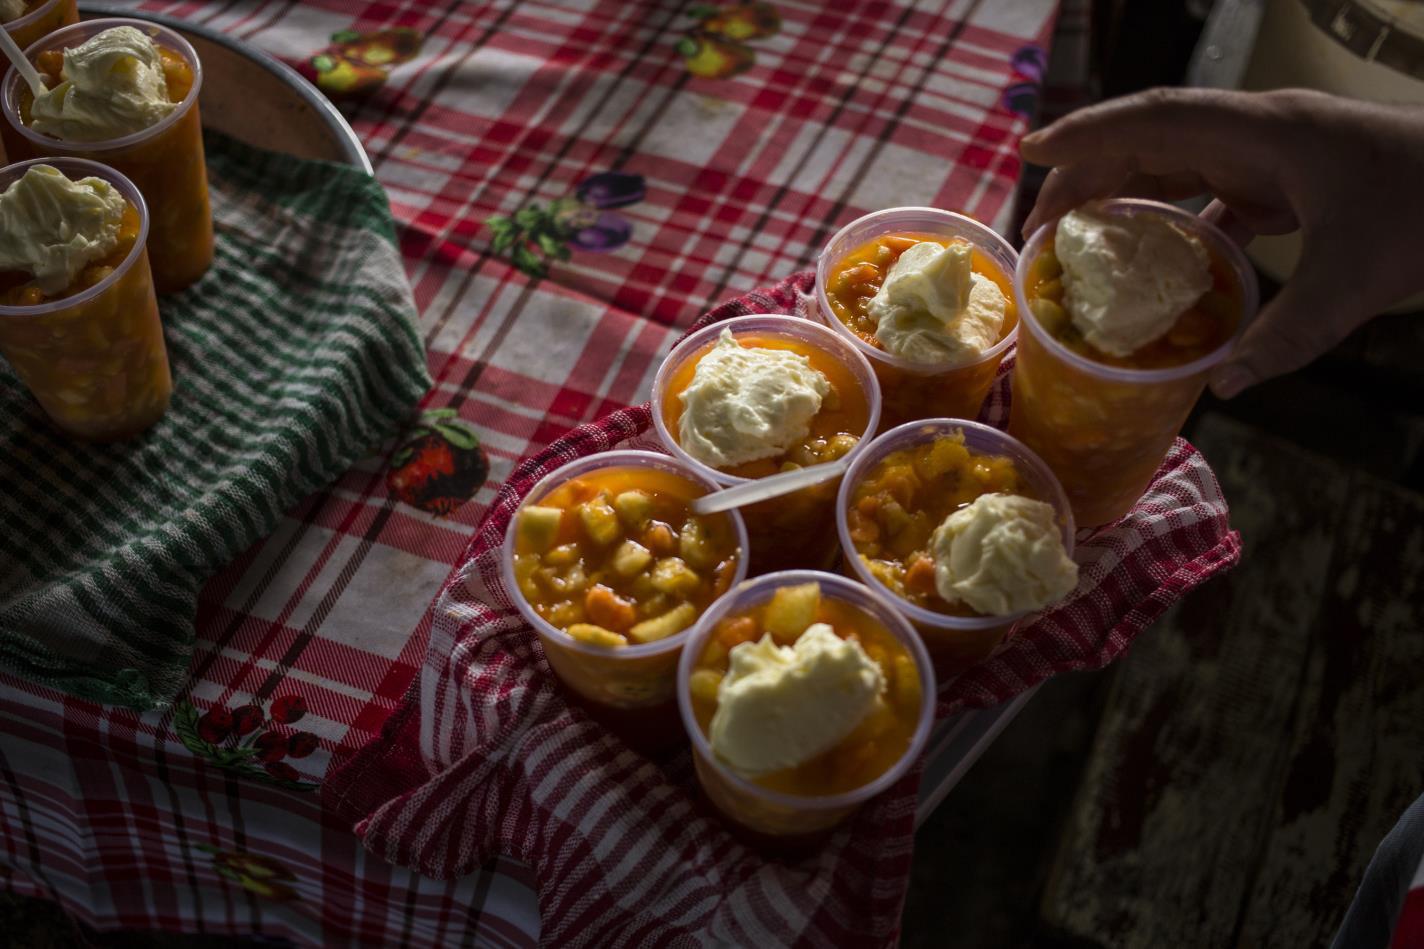 Ensalada de fruta con crema-Santiago Andrés Carneri Tamaryn-Paraguay